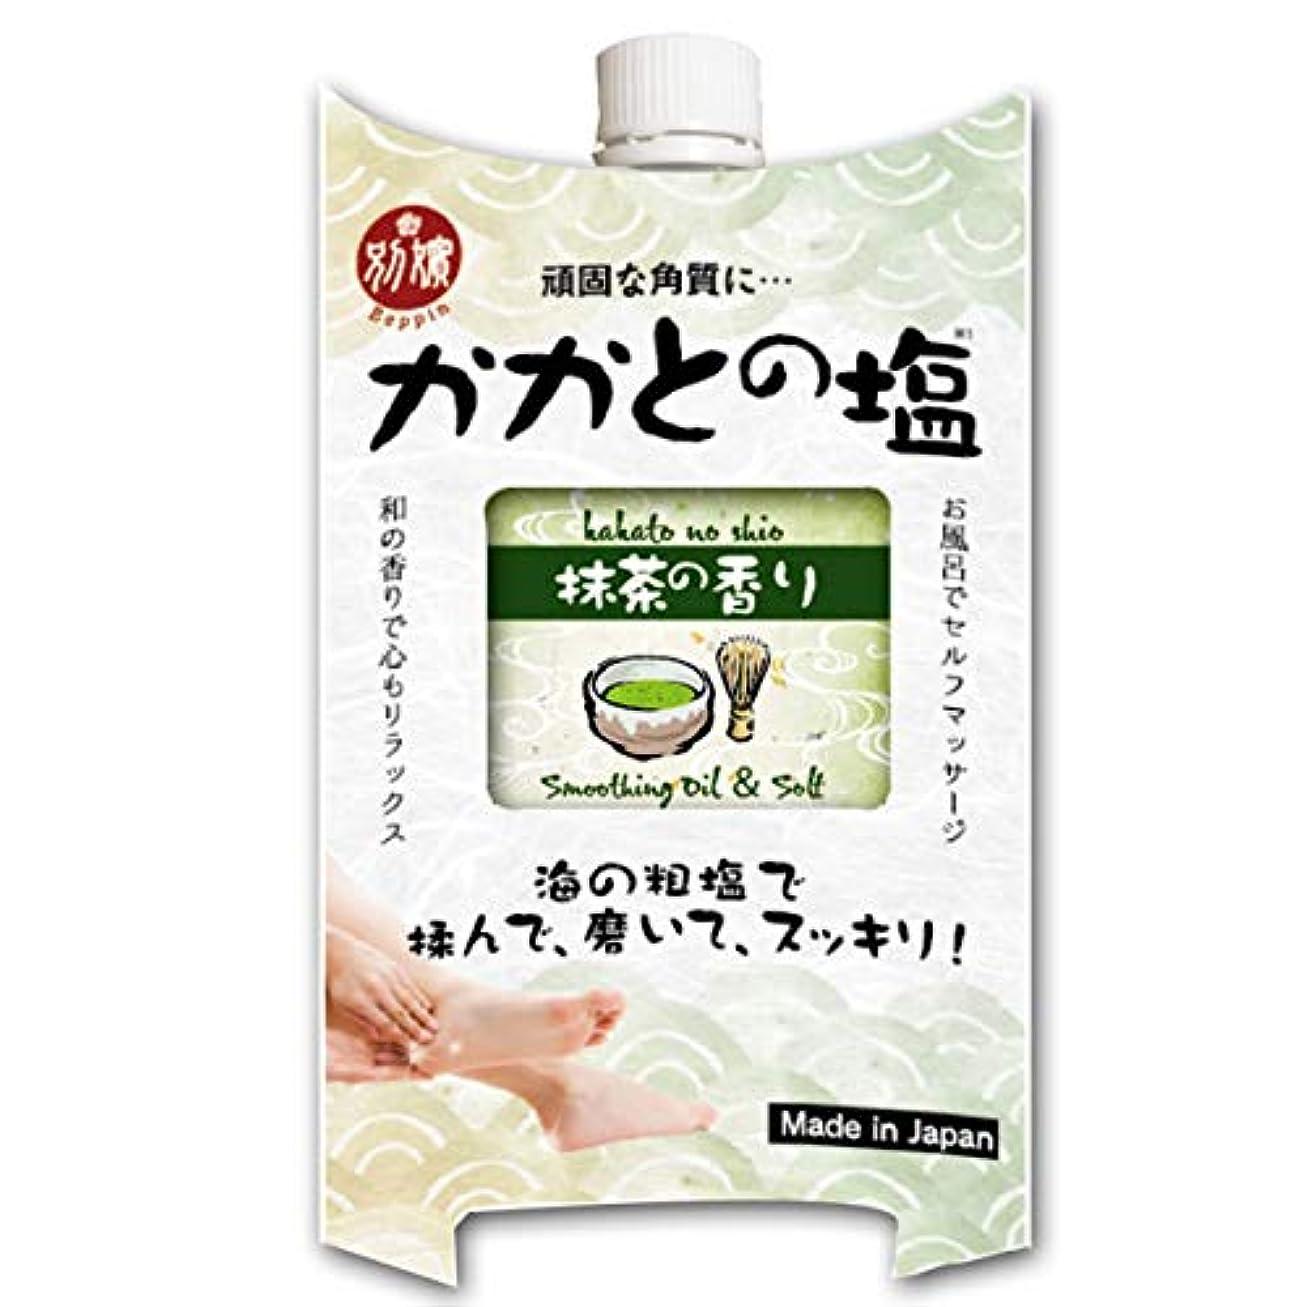 ワイヤーすり減る目に見える[ドットジャパン] 溶かさない 角質ケア 角質取り かかとの塩 お風呂でセルフマッサージ 日本製 (抹茶)